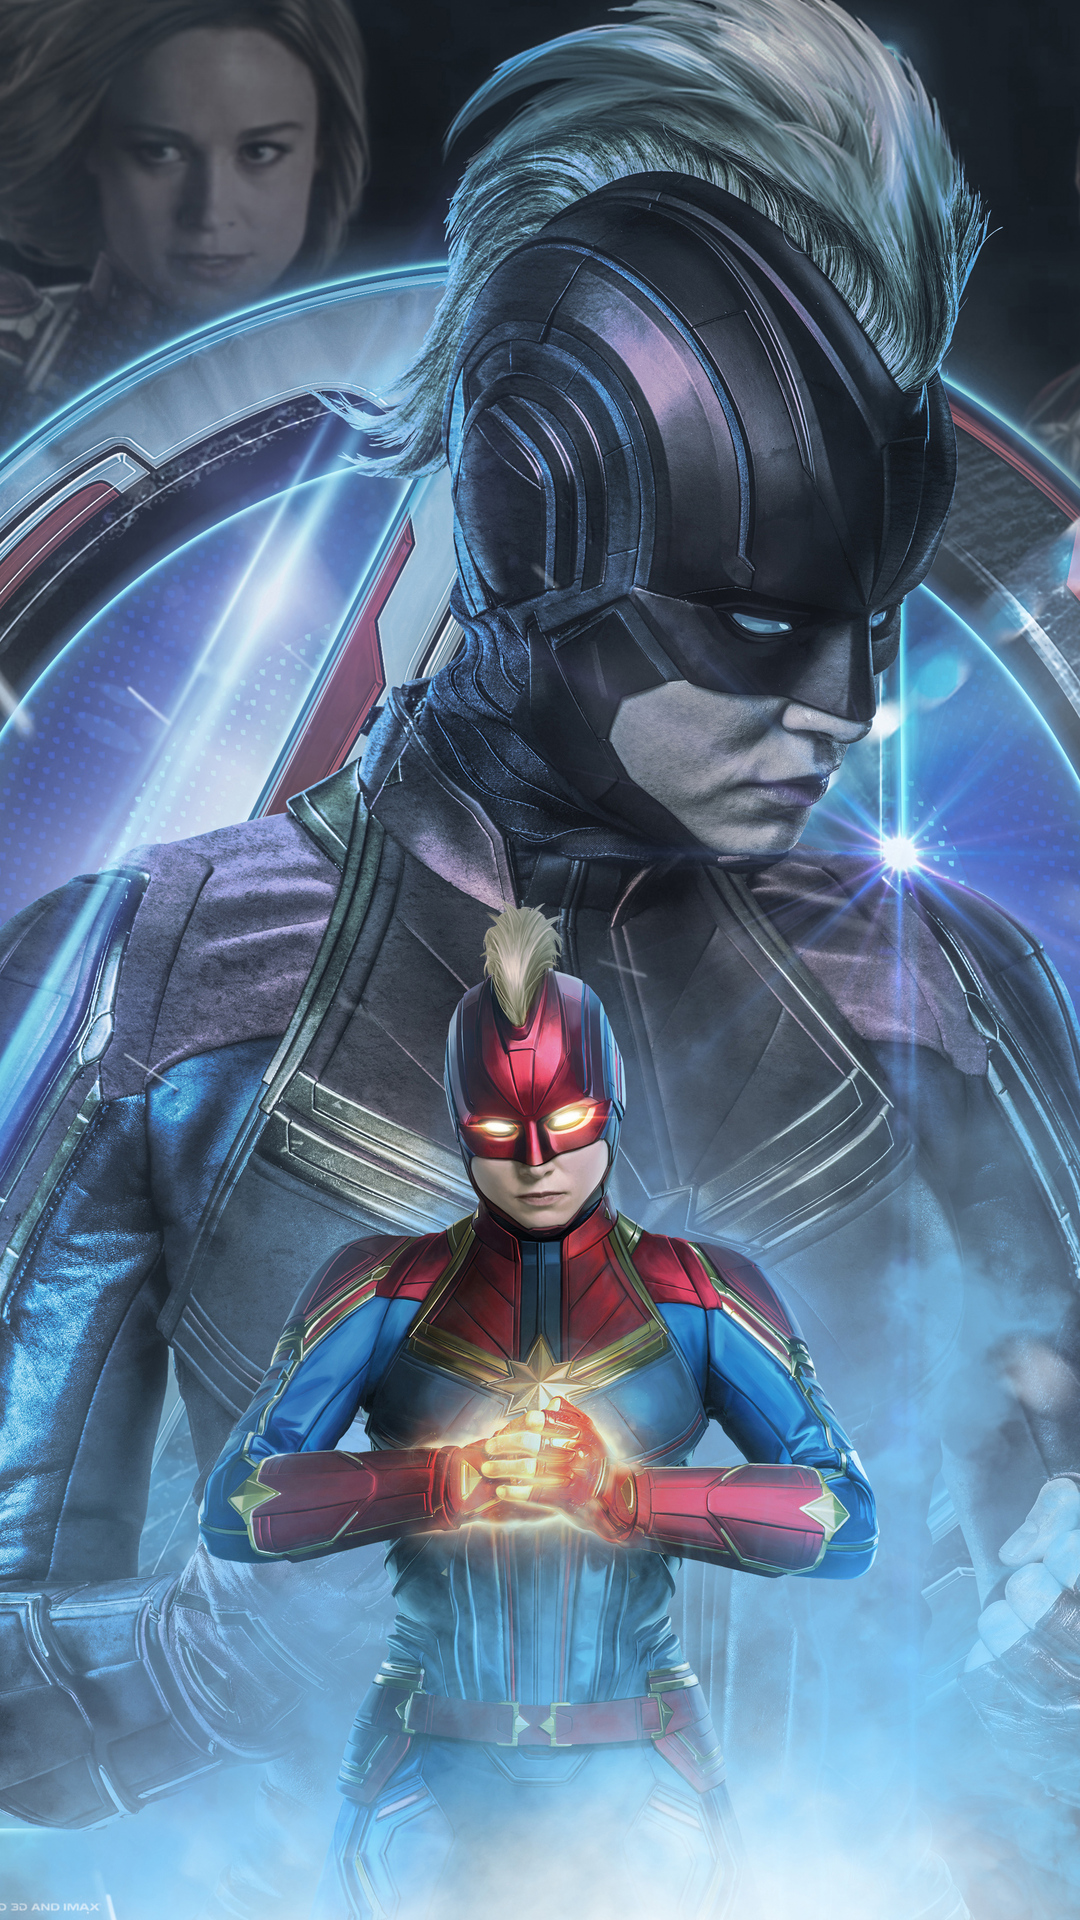 1080x1920 Captain Marvel In Avengers Endgame 2019 Iphone 7 ...